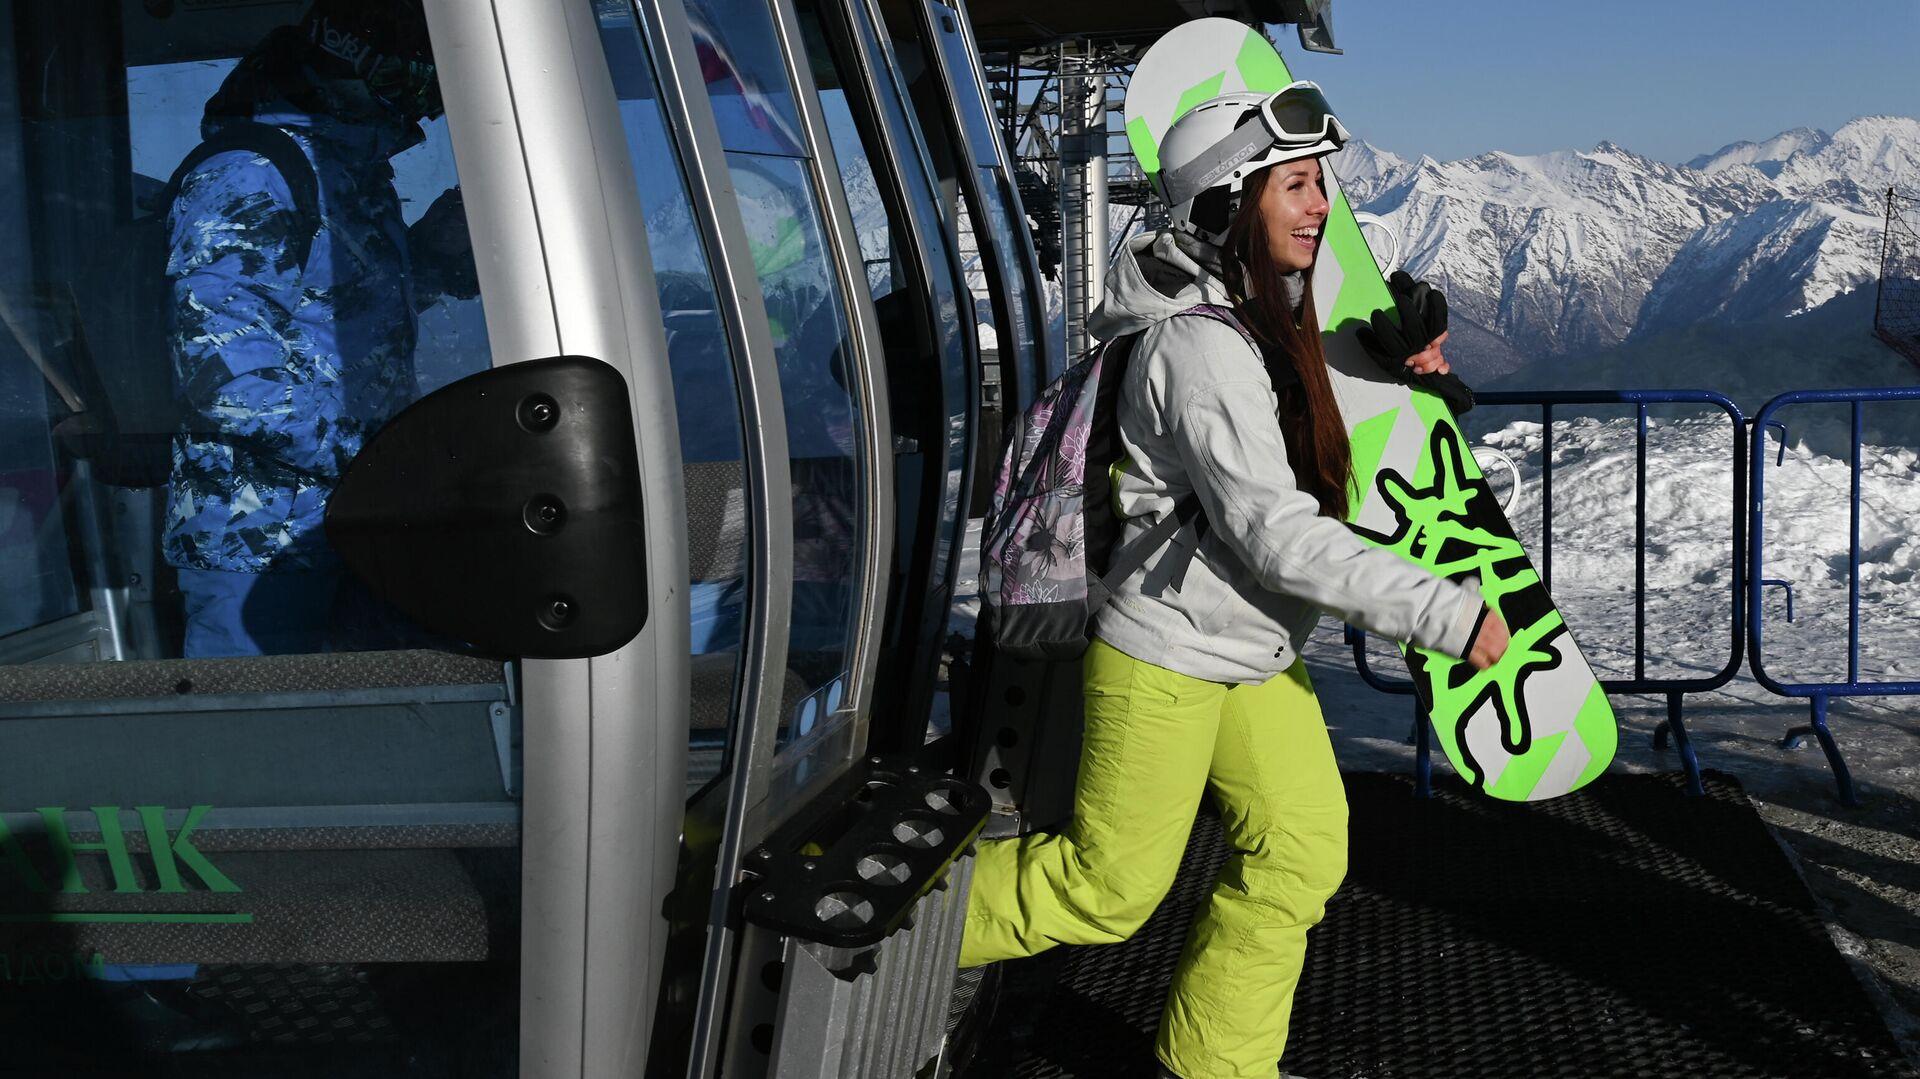 Отдыхающие выходят из кабинки канатной дороги на горнолыжном склоне во время открытия сезона на горном курорте Горки Город на территории Красной Поляны - РИА Новости, 1920, 20.11.2020